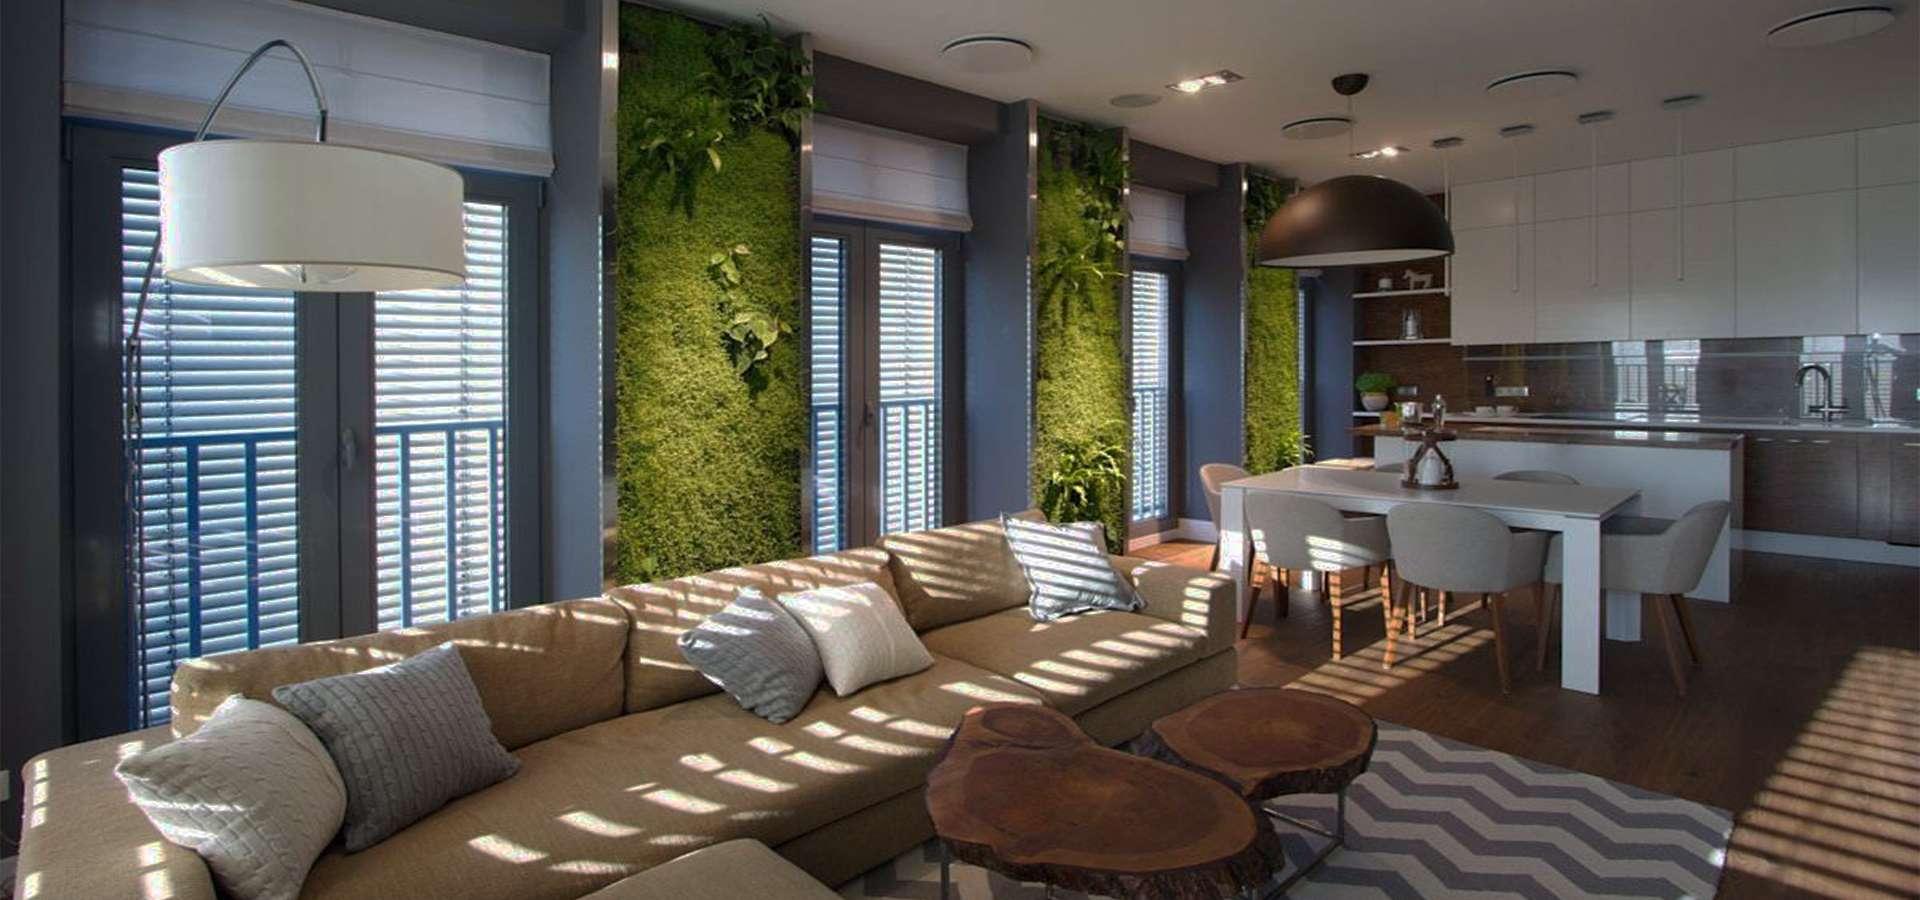 Гостиничный комплекс из 11 апартаментов - image komfort-novaja on https://bizneskvartal.ru